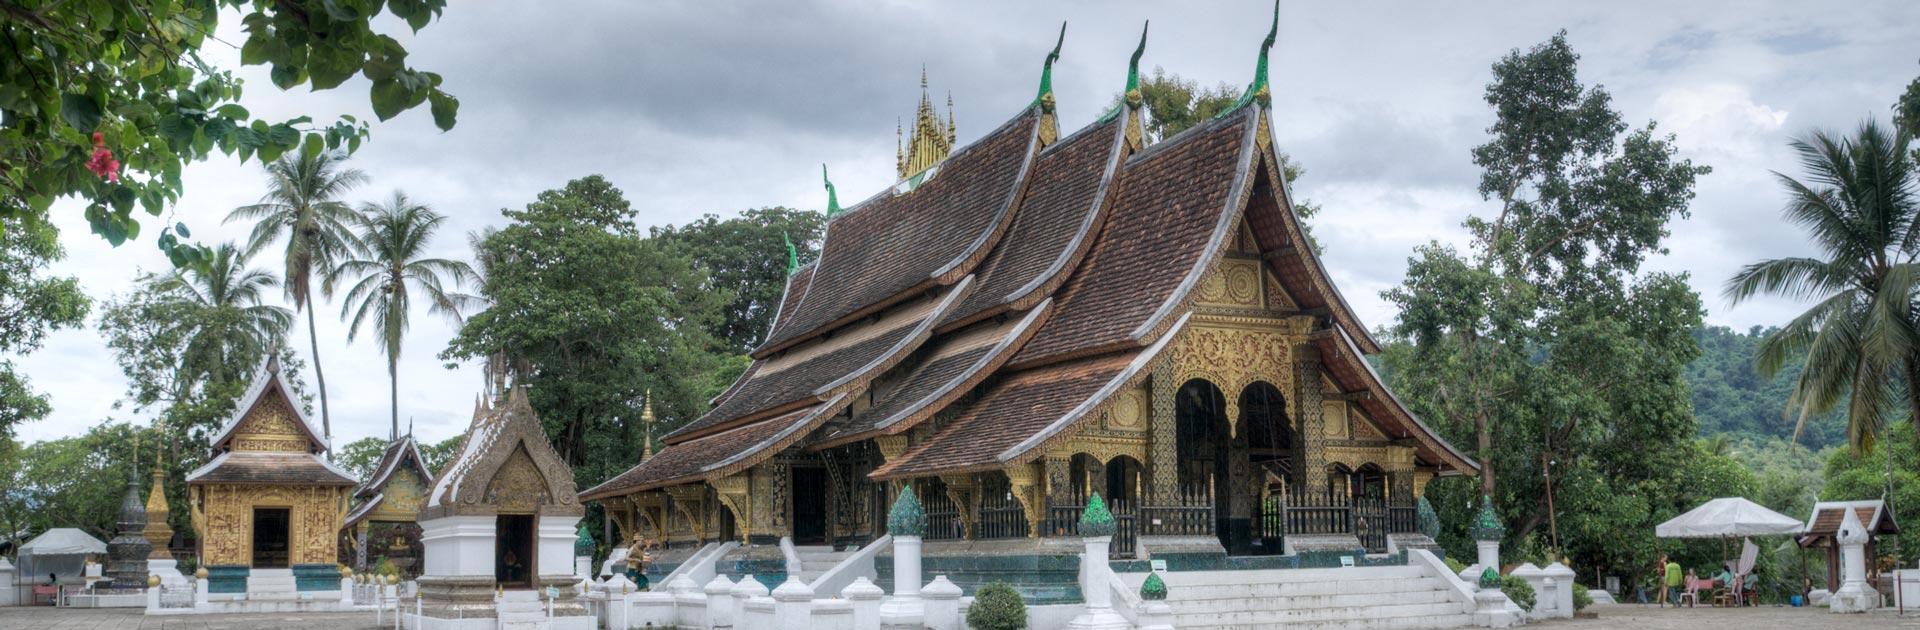 LA Atravesando Laos 10 días 1